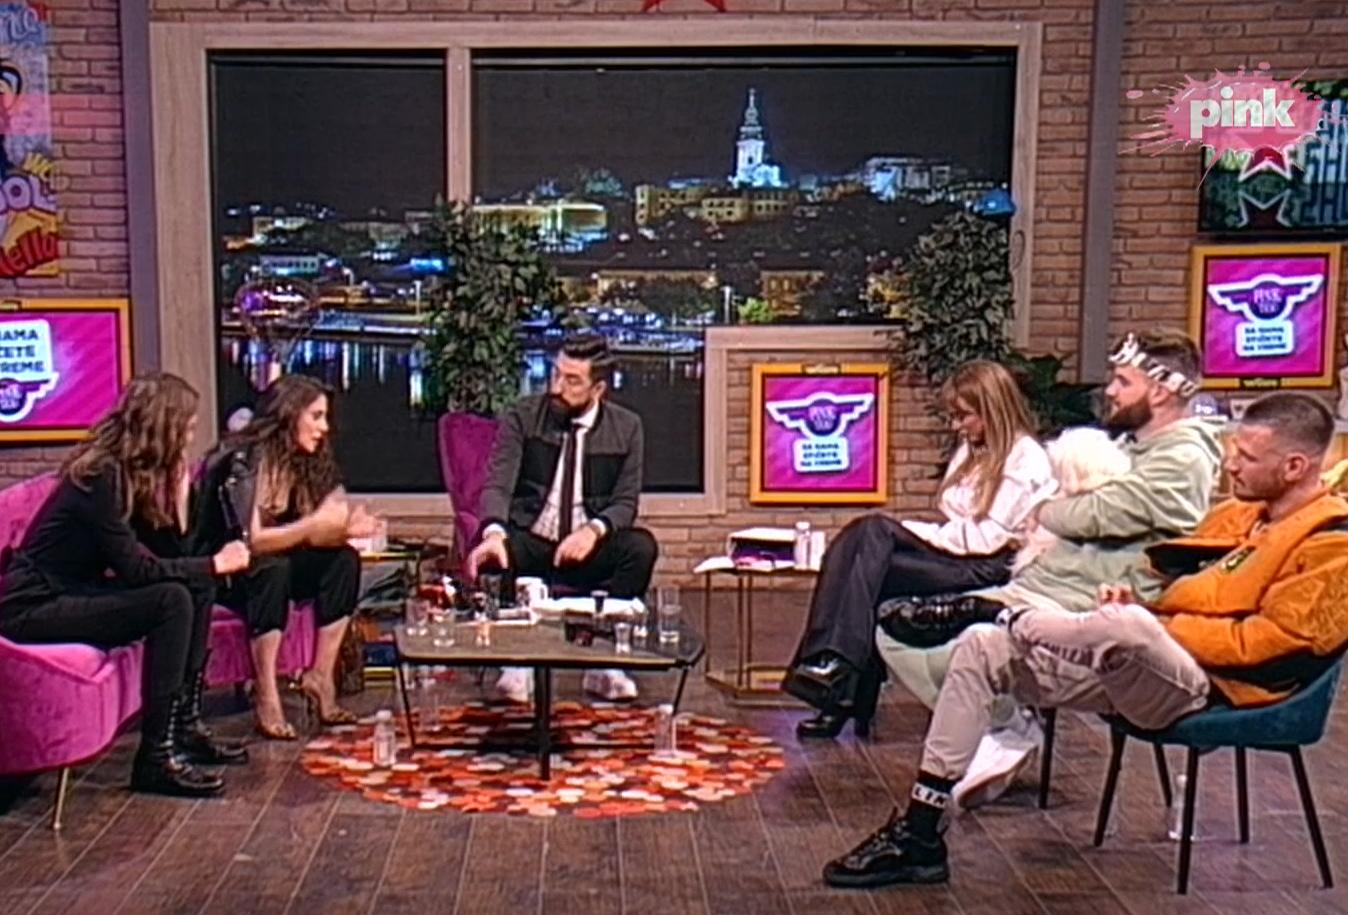 PORODILA SE! Uživo u emisiji kod Ognjena Amidžića saznala za PRINOVU u porodici!